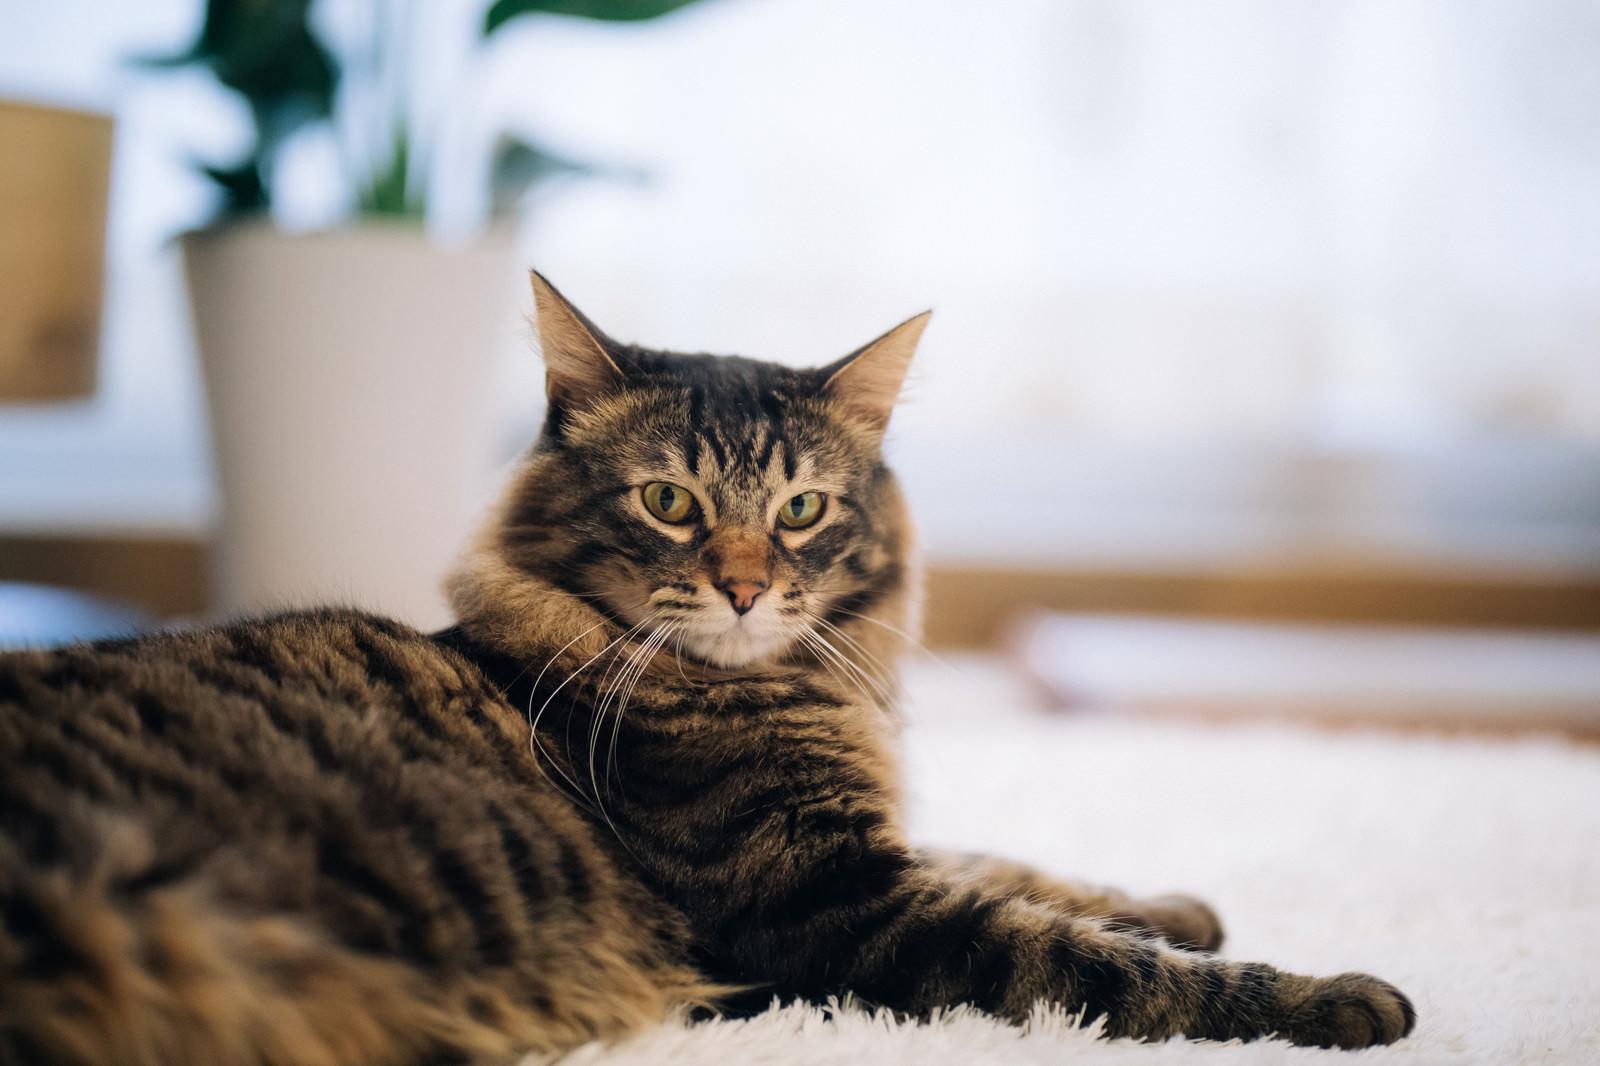 「飼い主の気配を感じ取った猫」の写真